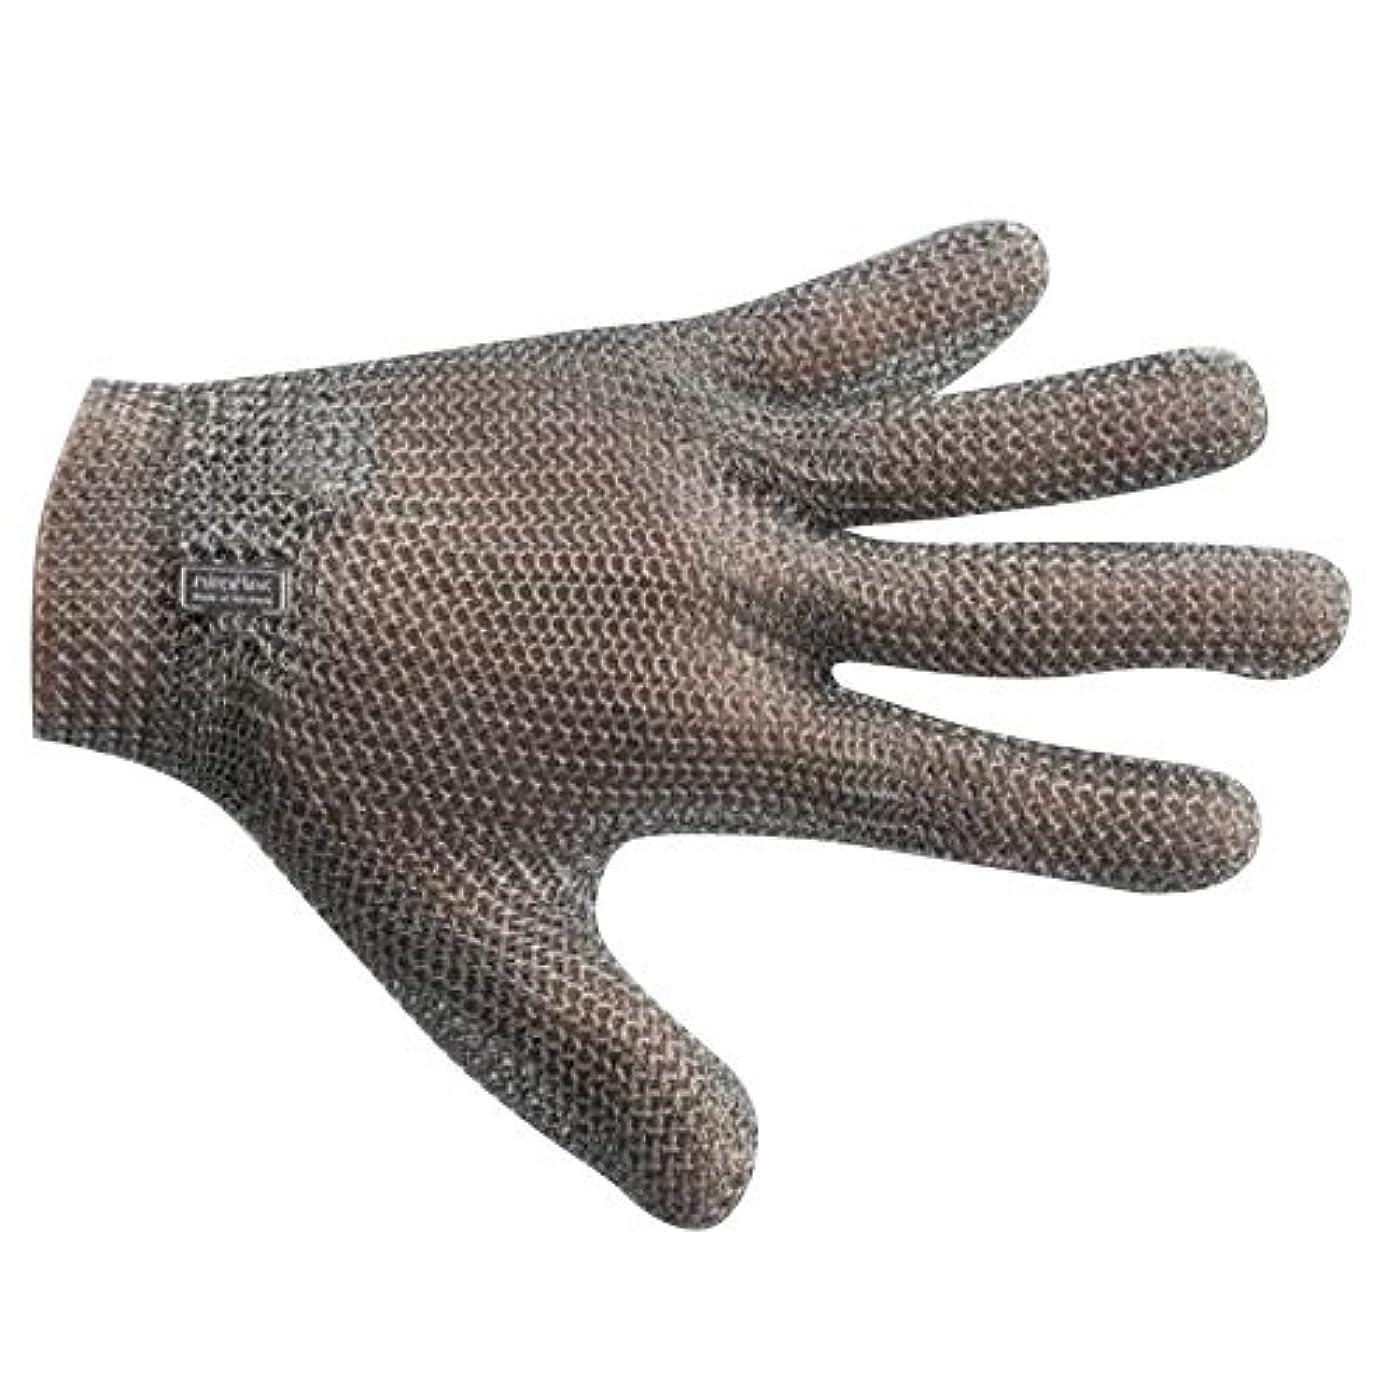 闘争運動する陰謀宇都宮製作 GU-2500 ステンレスメッシュ手袋 5本指(左右兼用) S